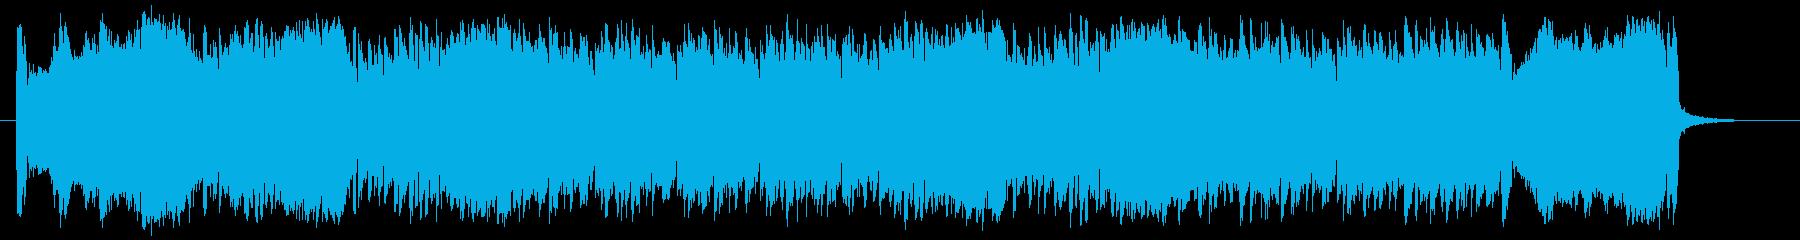 盛大で勢いのある管楽器シンセサウンドの再生済みの波形